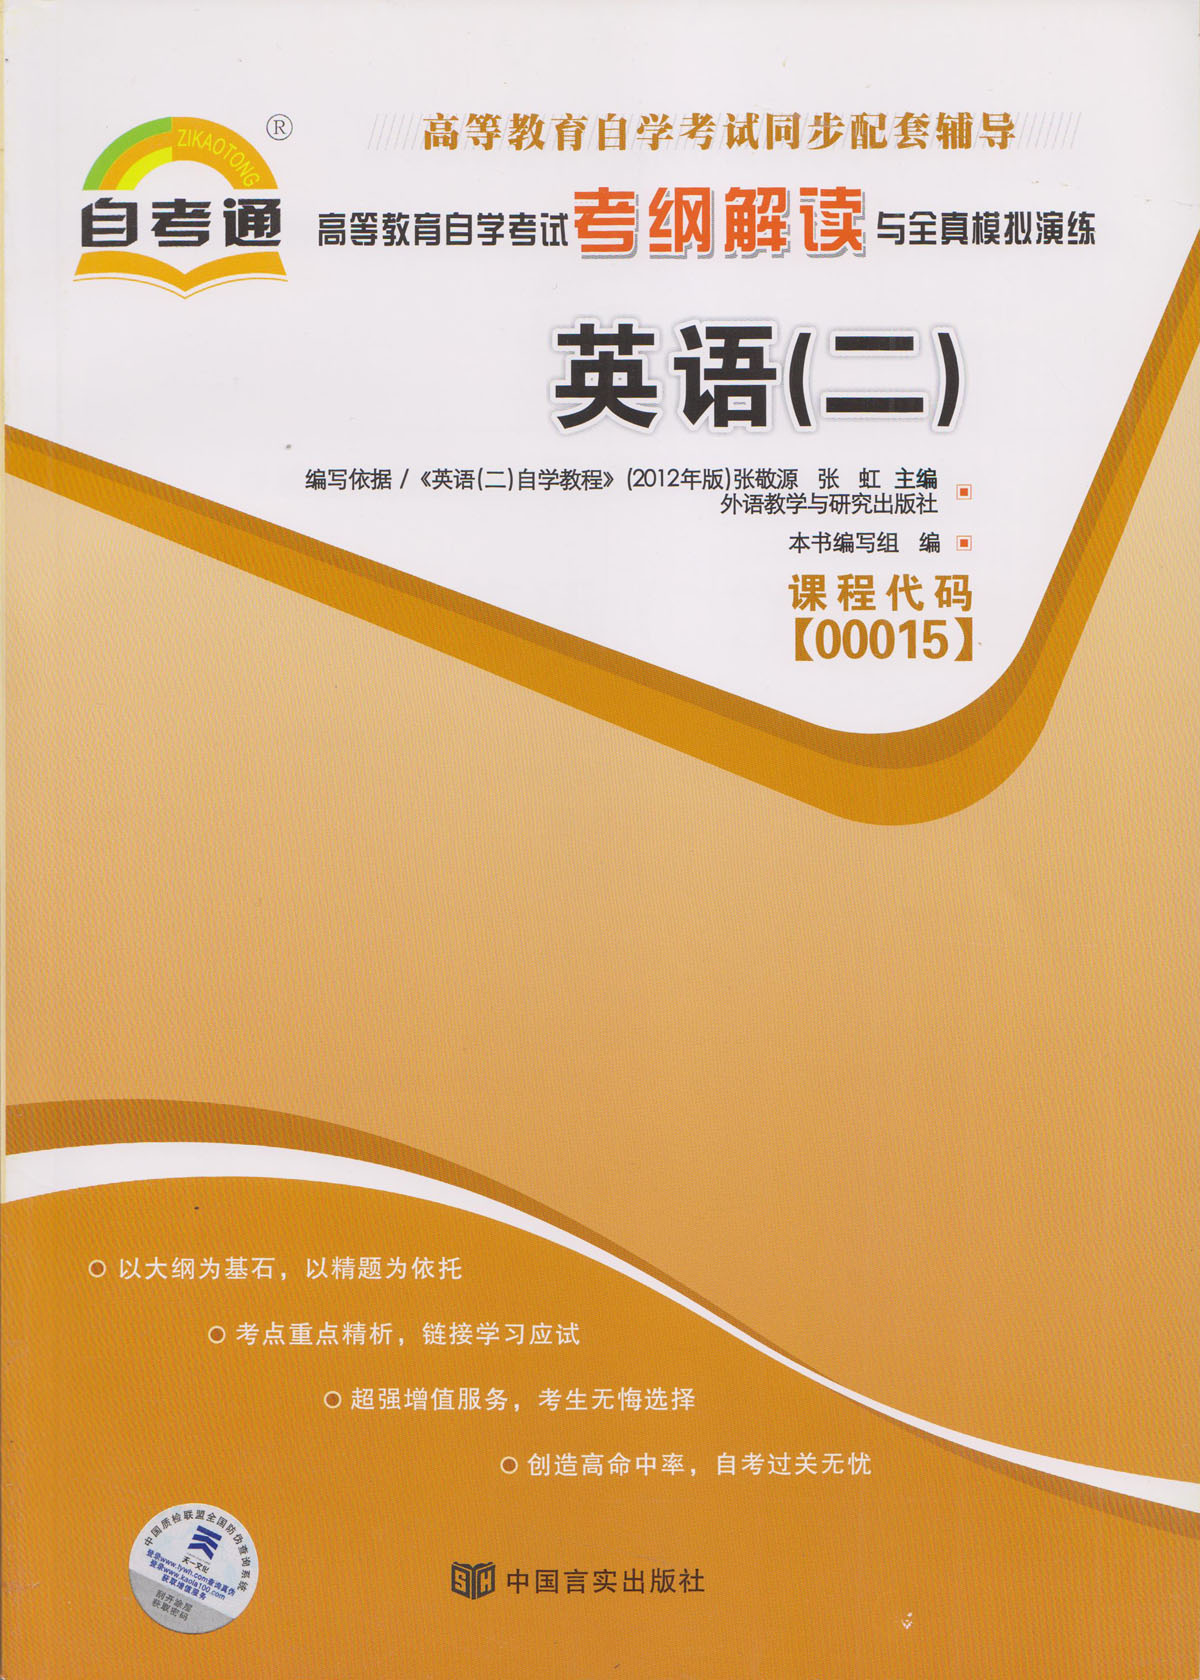 自考通  00015 英语 (二) 考纲解读 正版现货 2013新版教材配套